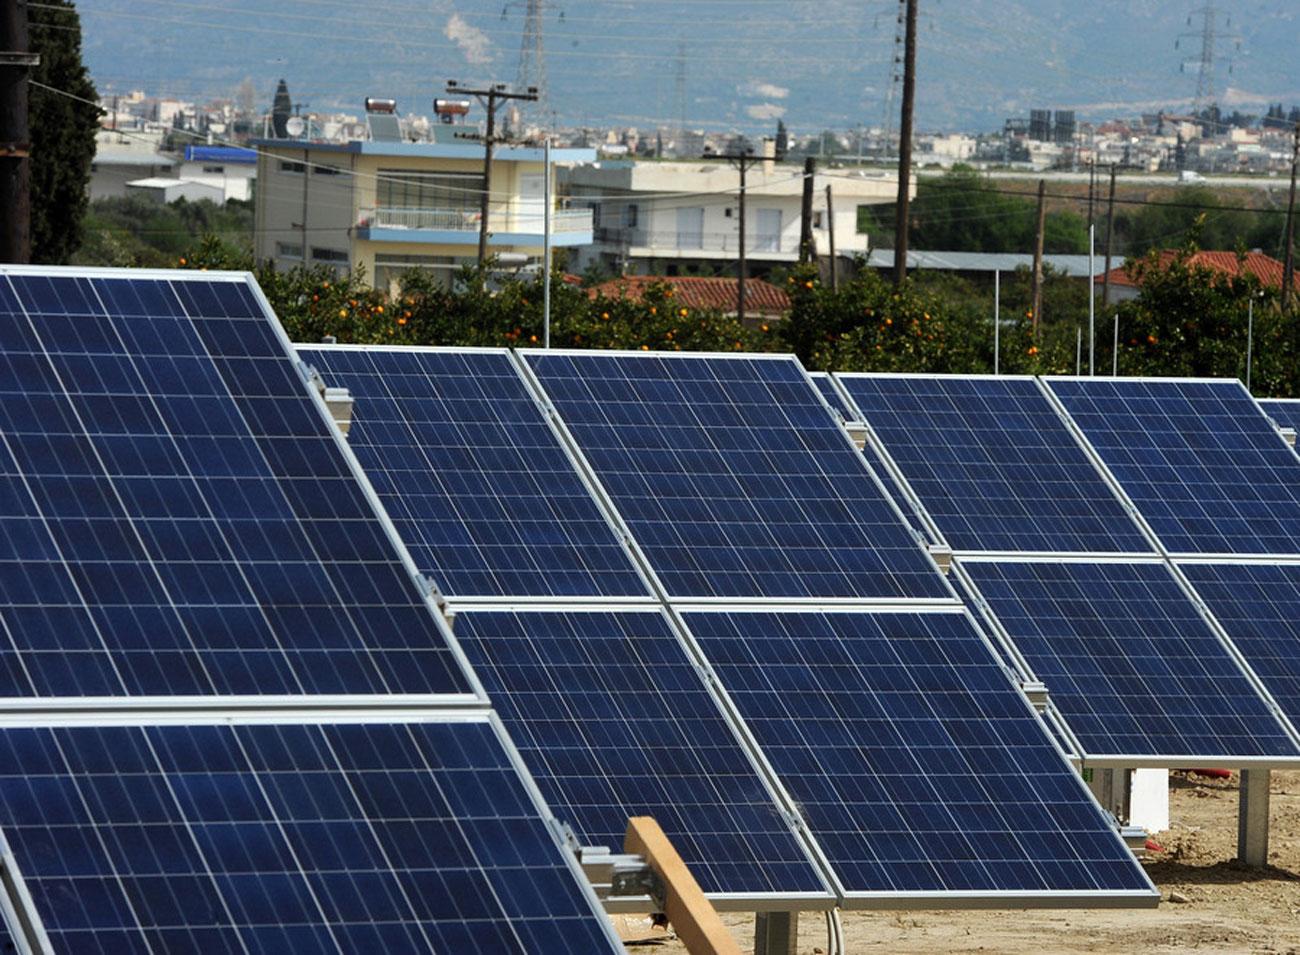 Έρχονται επενδύσεις σε φωτοβολταϊκά πάρκα – Οι εταιρείες και τα αιτήματα συνολικής ισχύος 4,6 GW